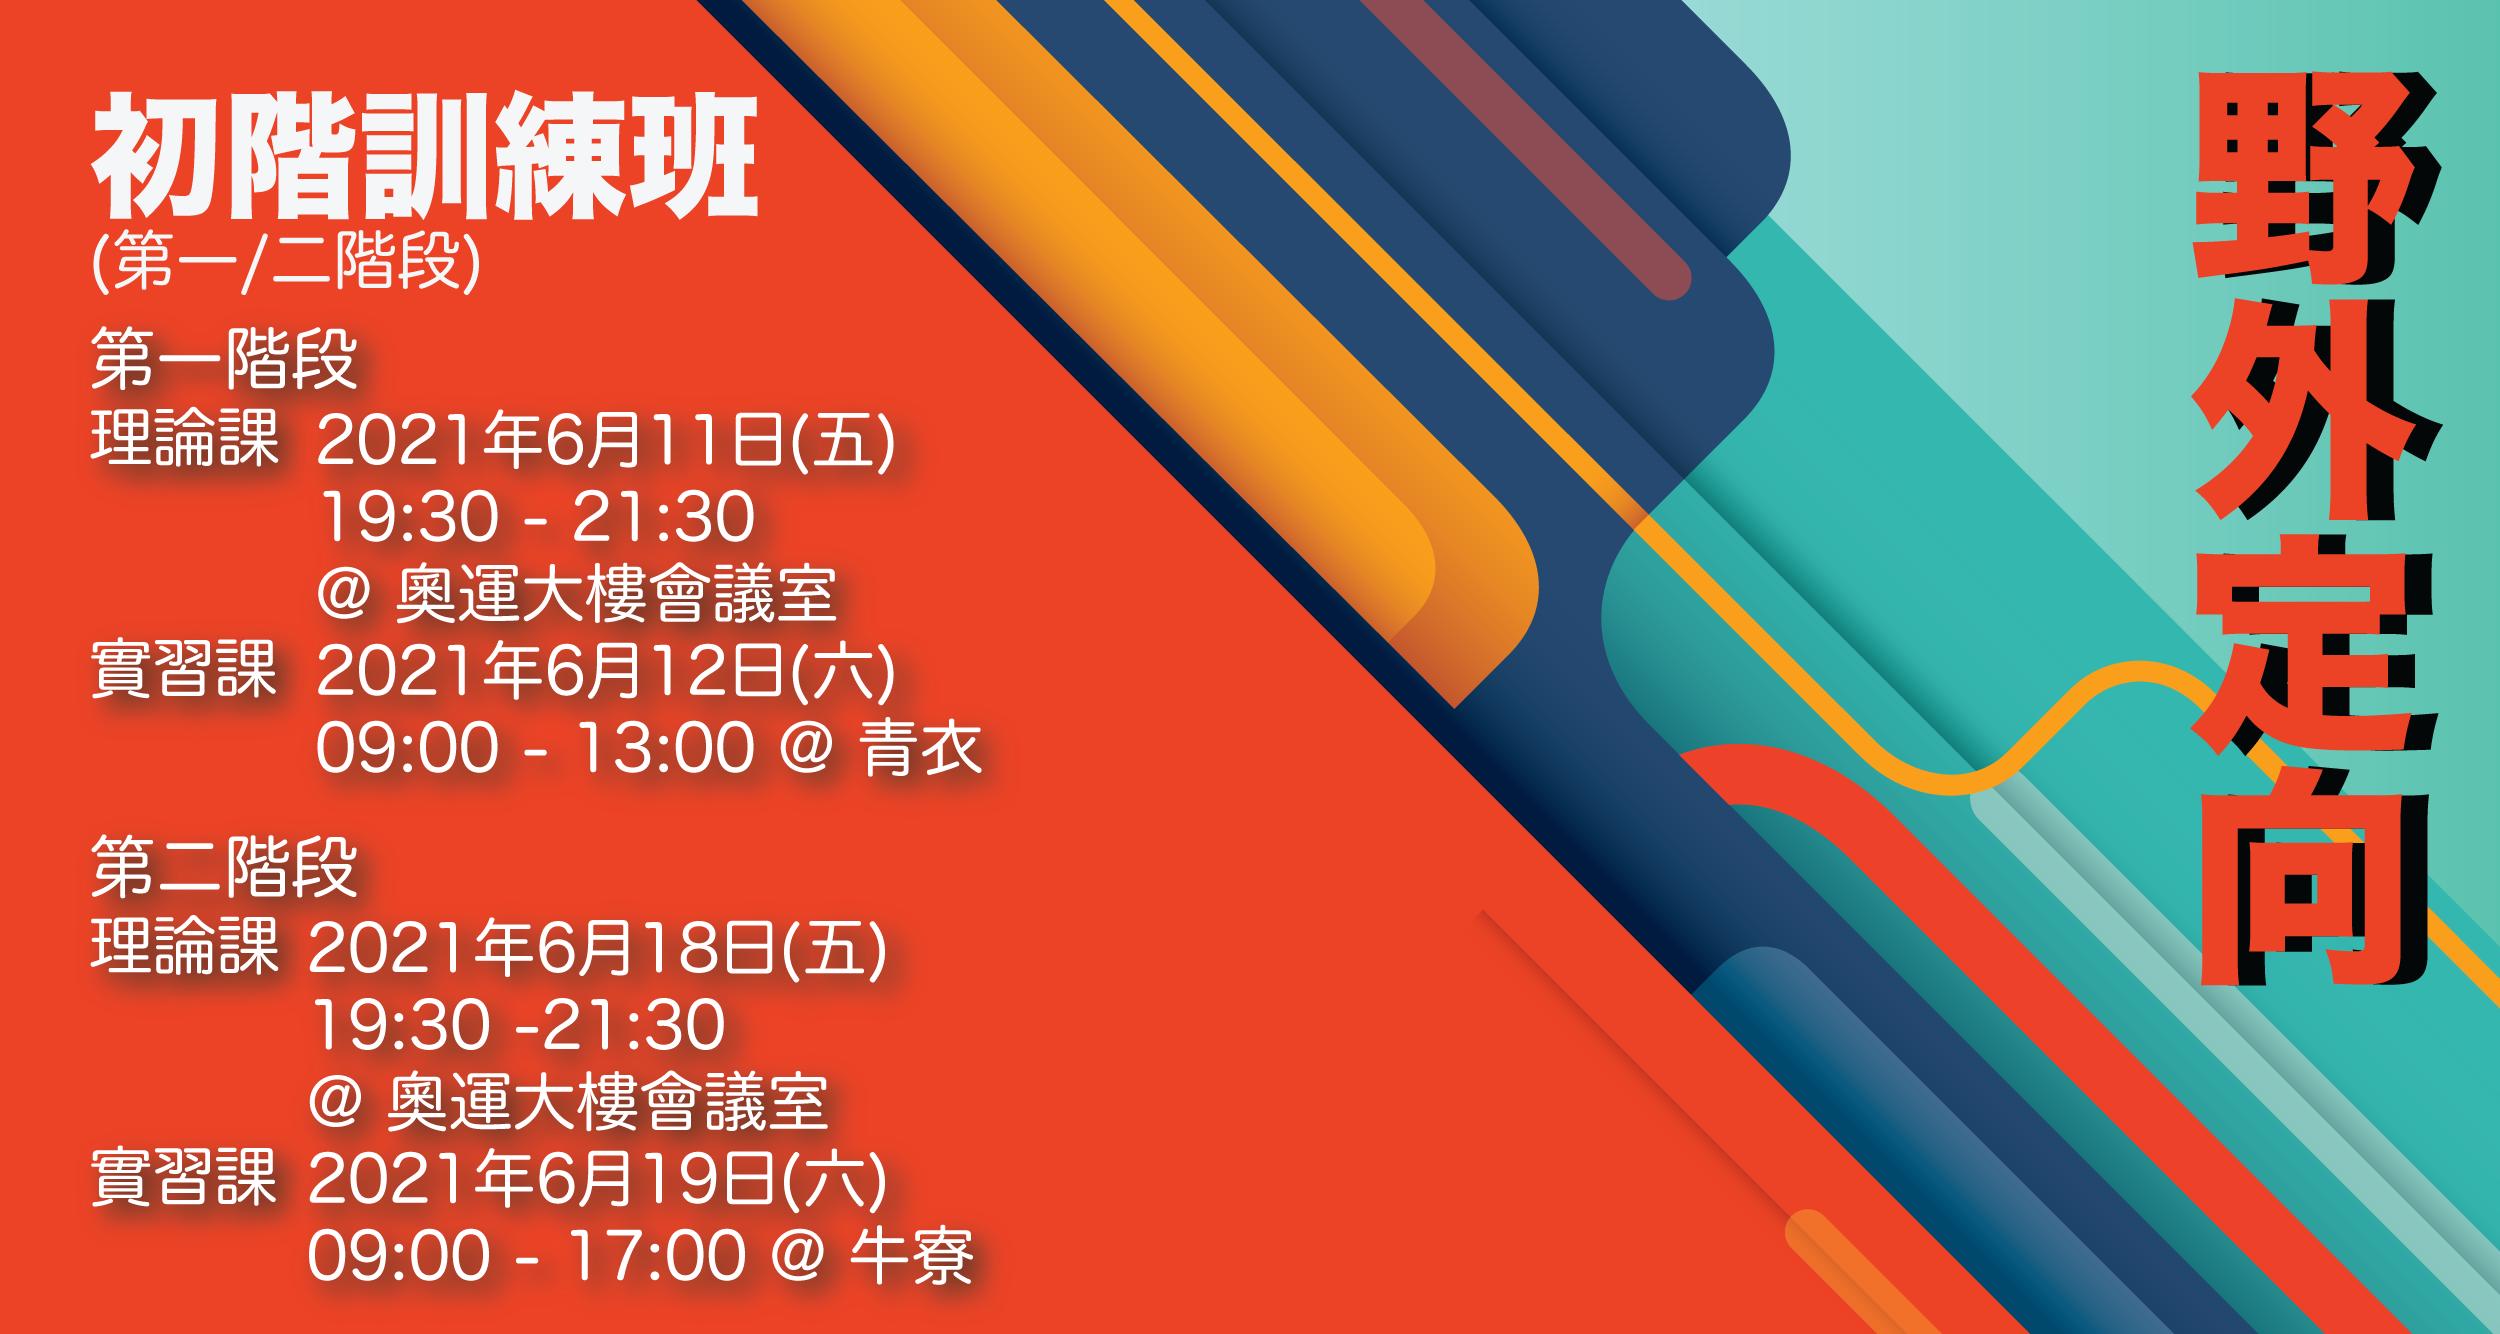 香港定向總會-野外定向初階訓練班 (第一/二階段) – 6月份